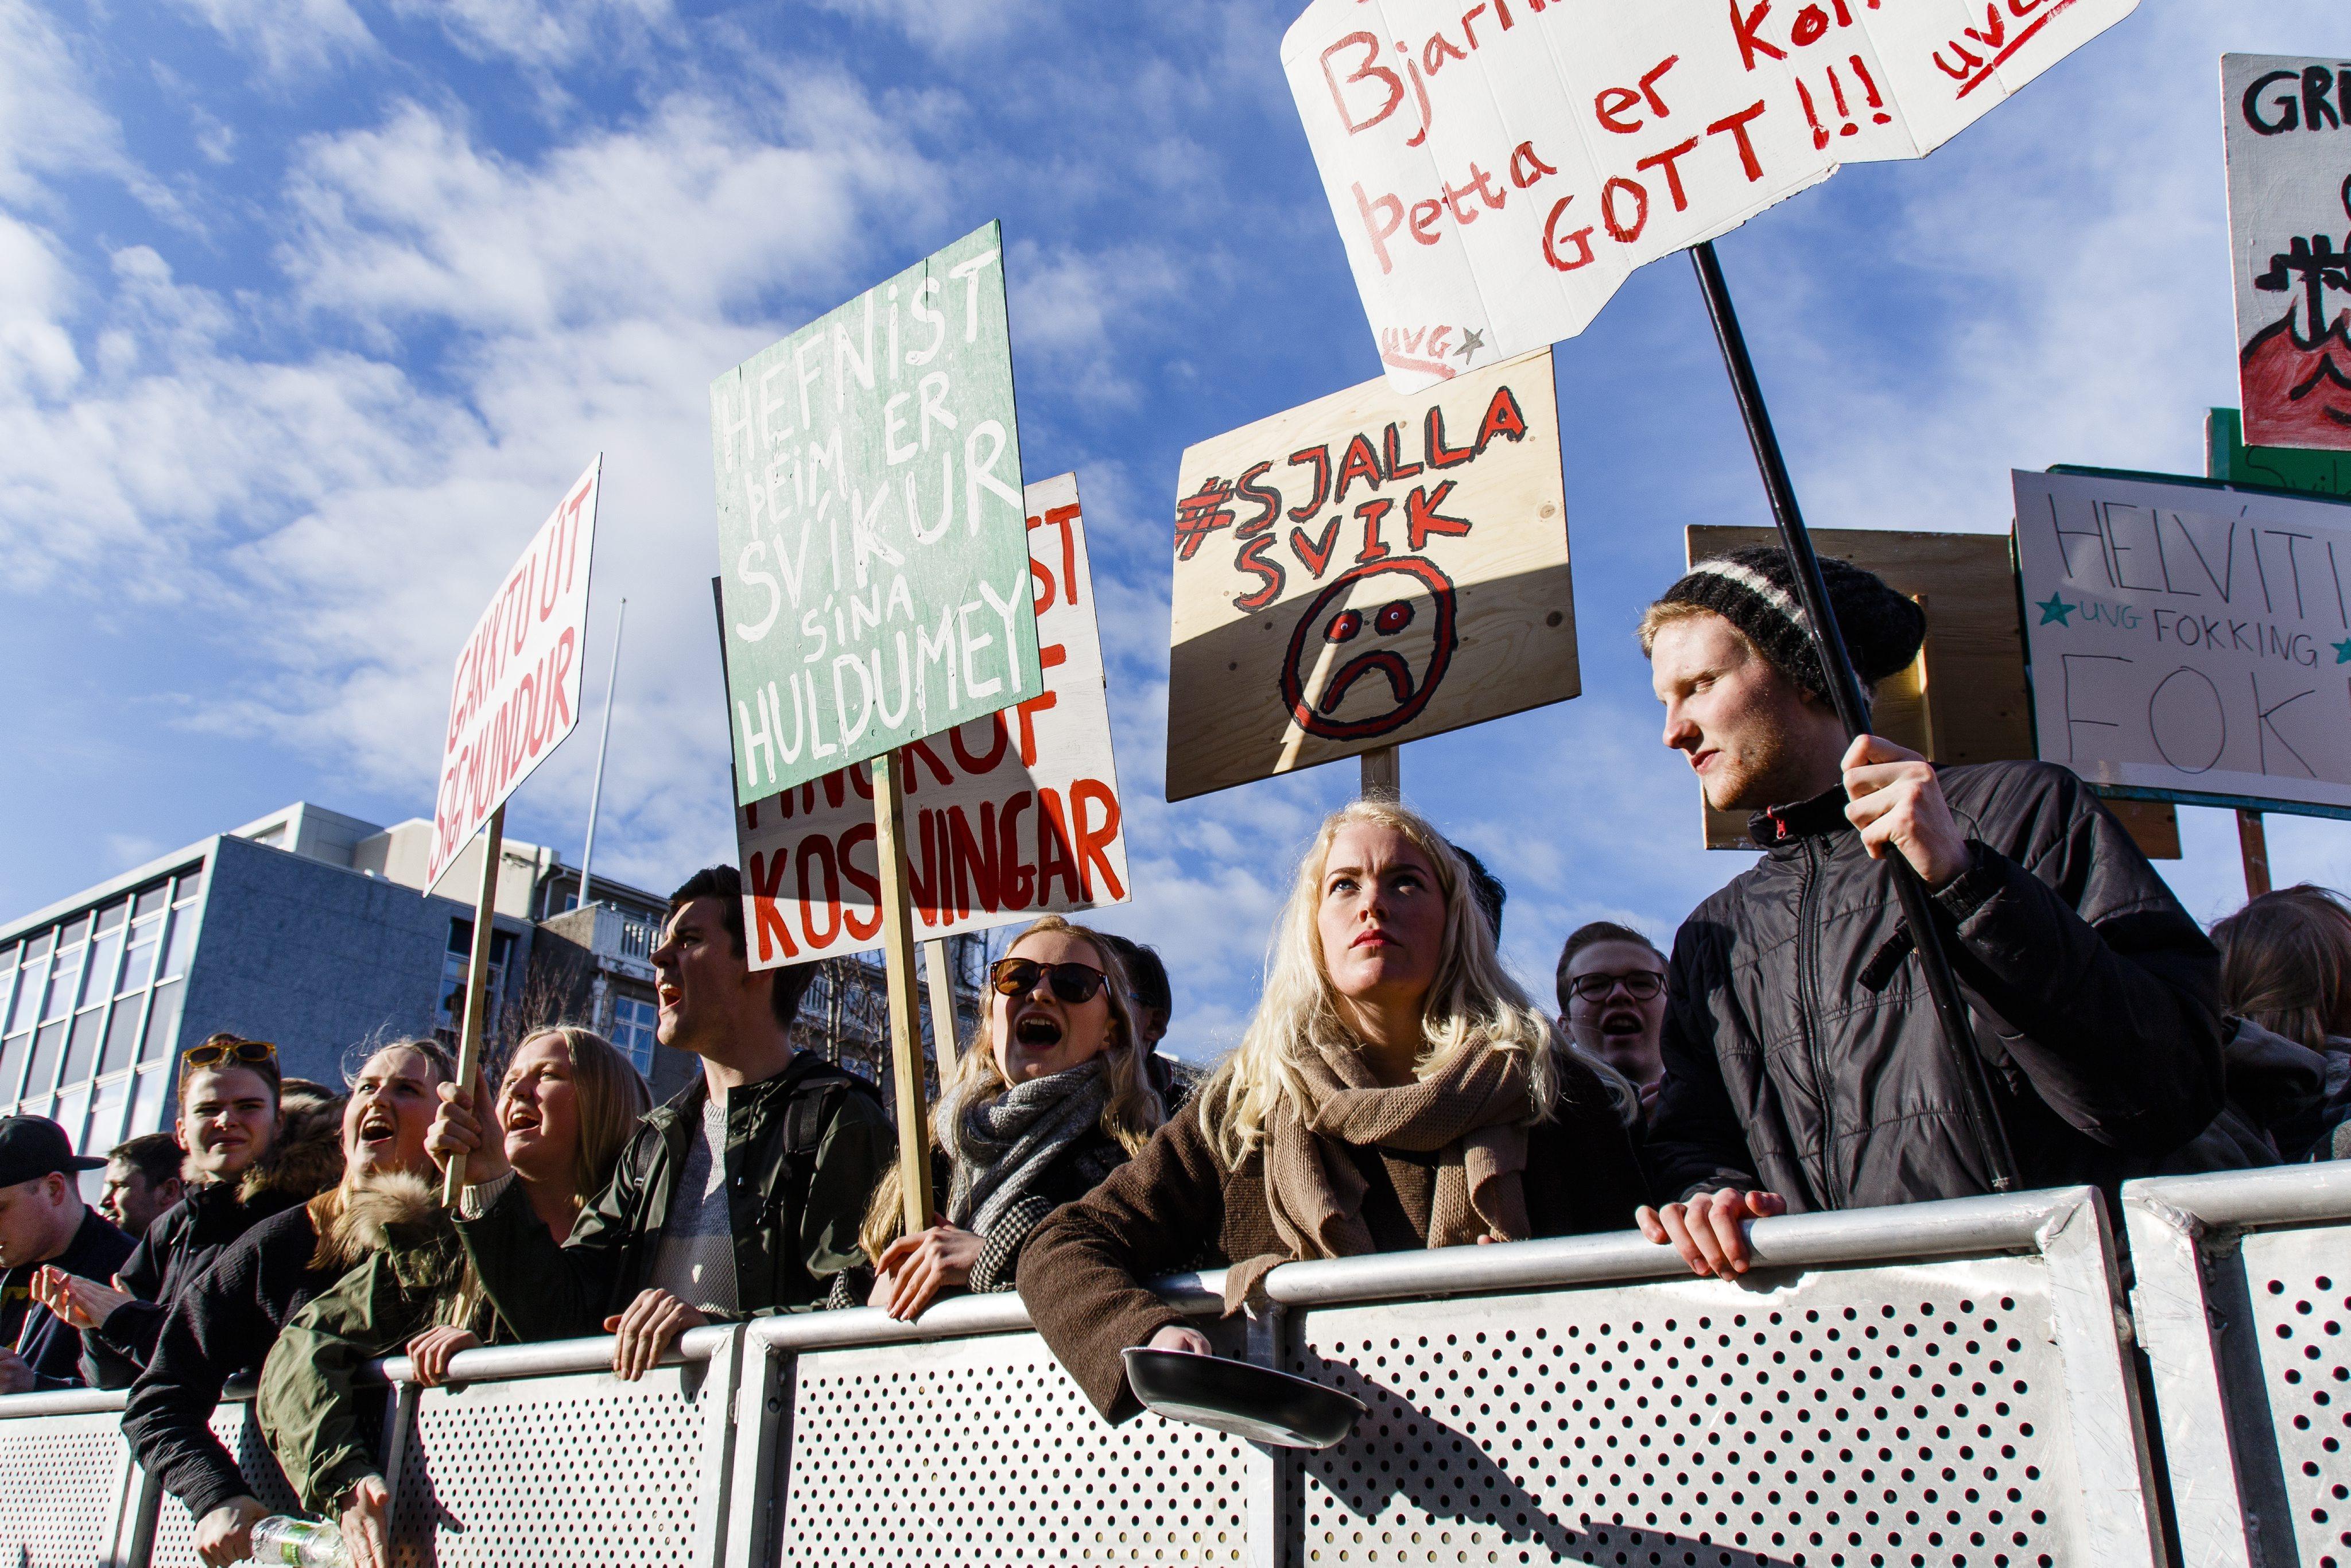 Οργισμένοι οι Ισλανδοί, εξανάγκασαν σε παραίτηση τον κεντροδεξιό πρωθυπουργό που είχε κρύψει την τεράστια περιουσία του σε φορολογικούς παραδείσους.